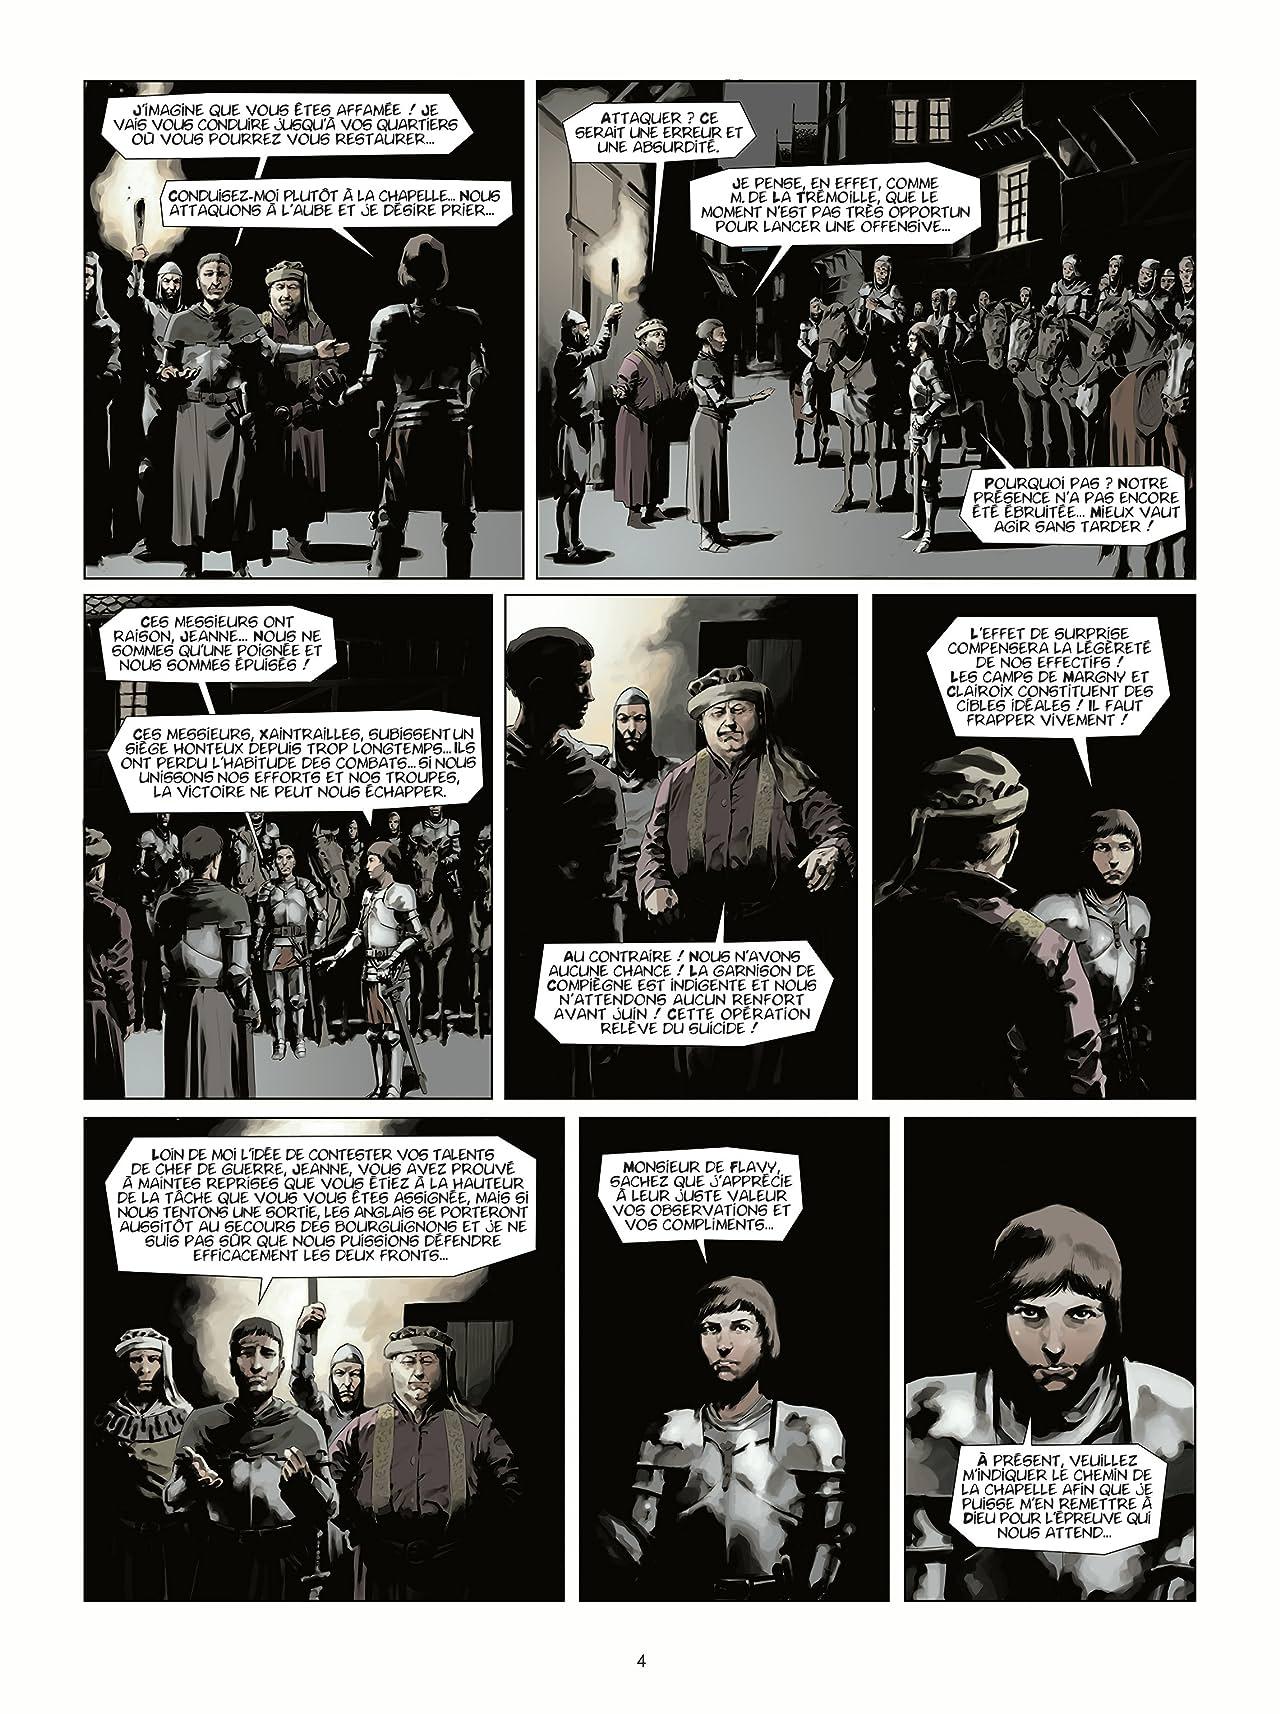 L'Homme de l'année Vol. 2: 1431 L'homme qui trahit Jeanne d'Arc